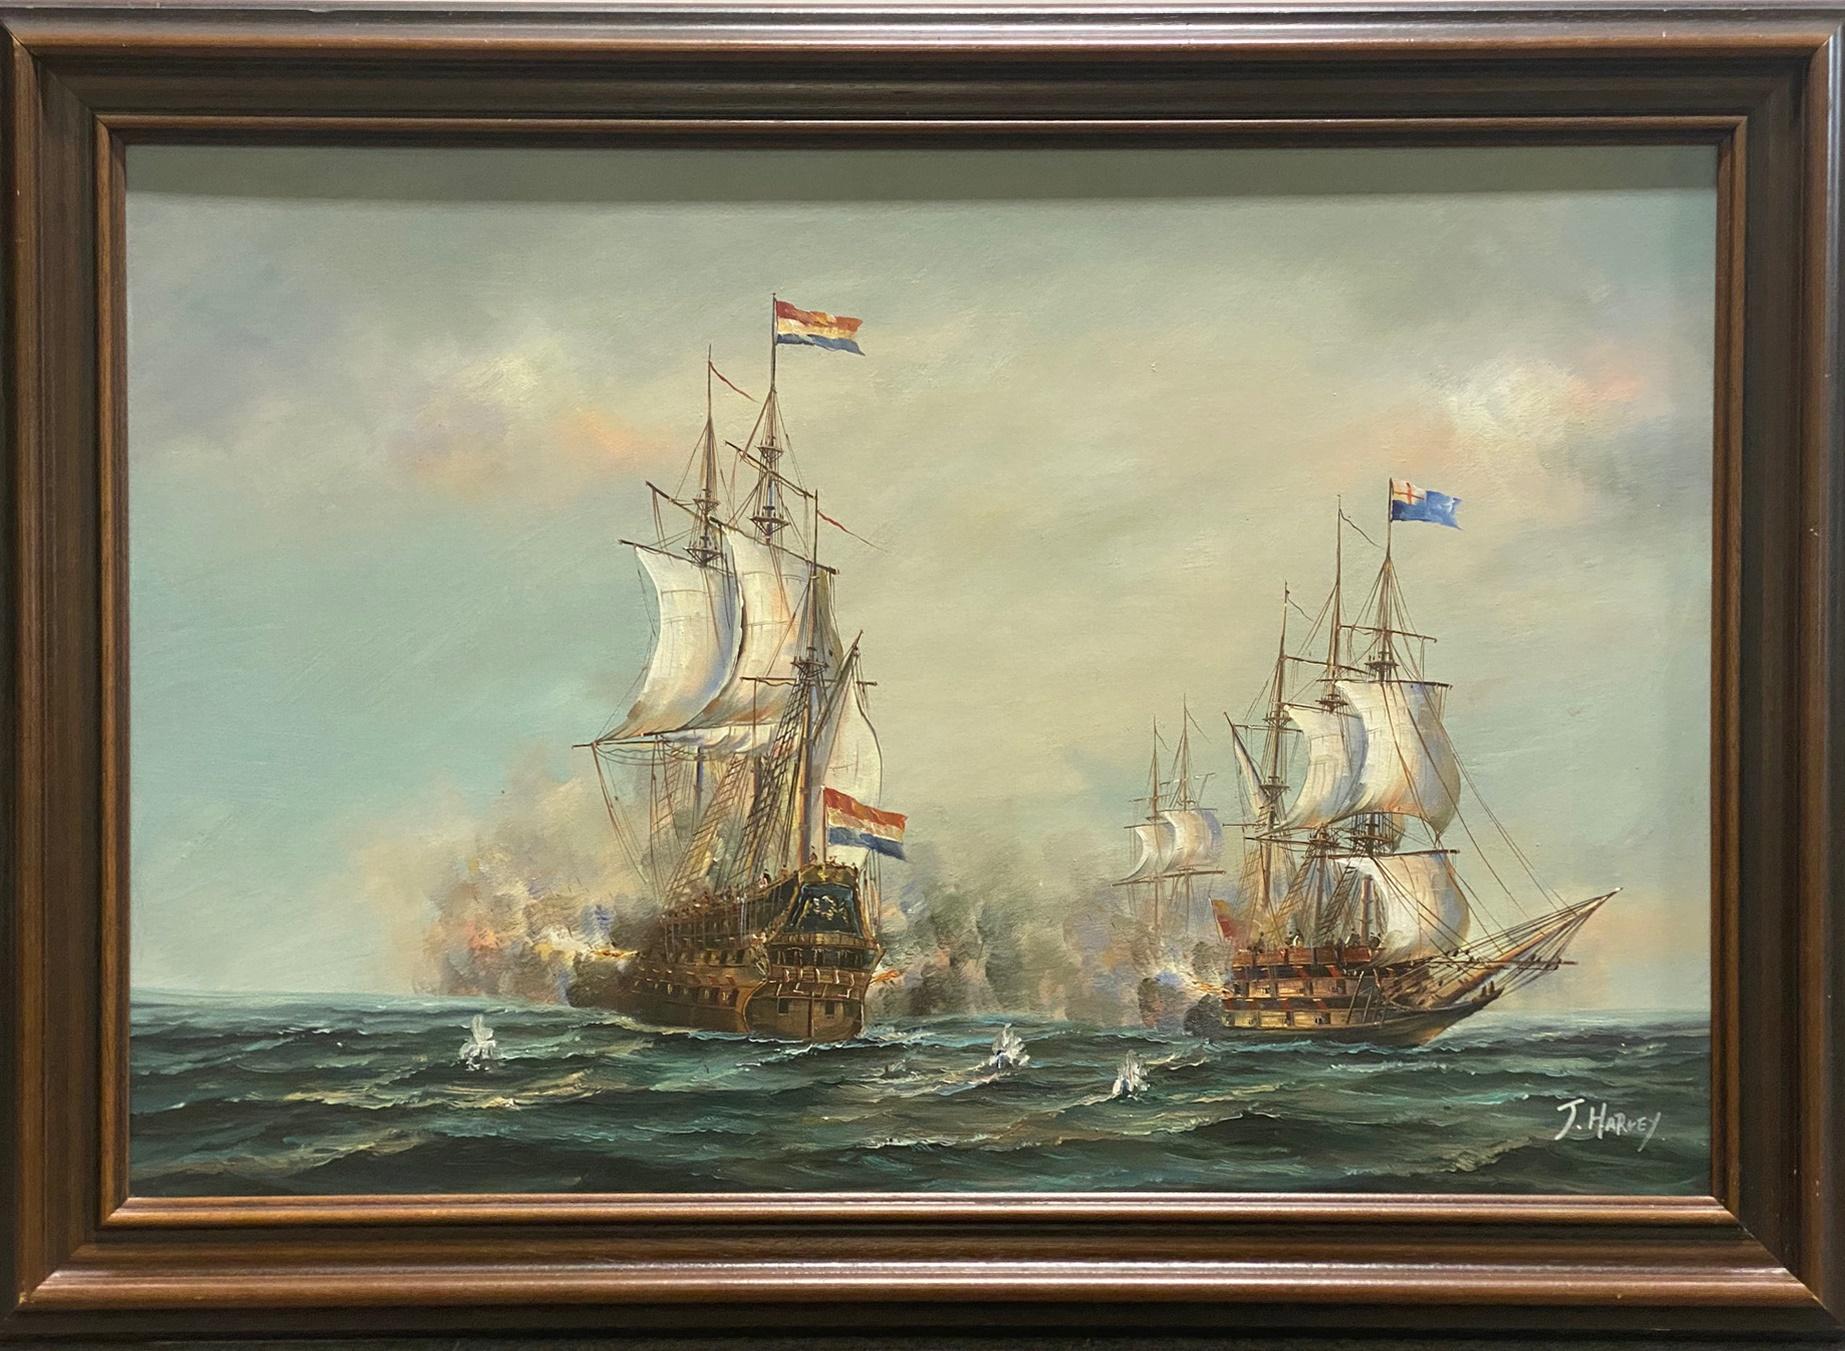 J Harvey, Naval battle - Image 2 of 4